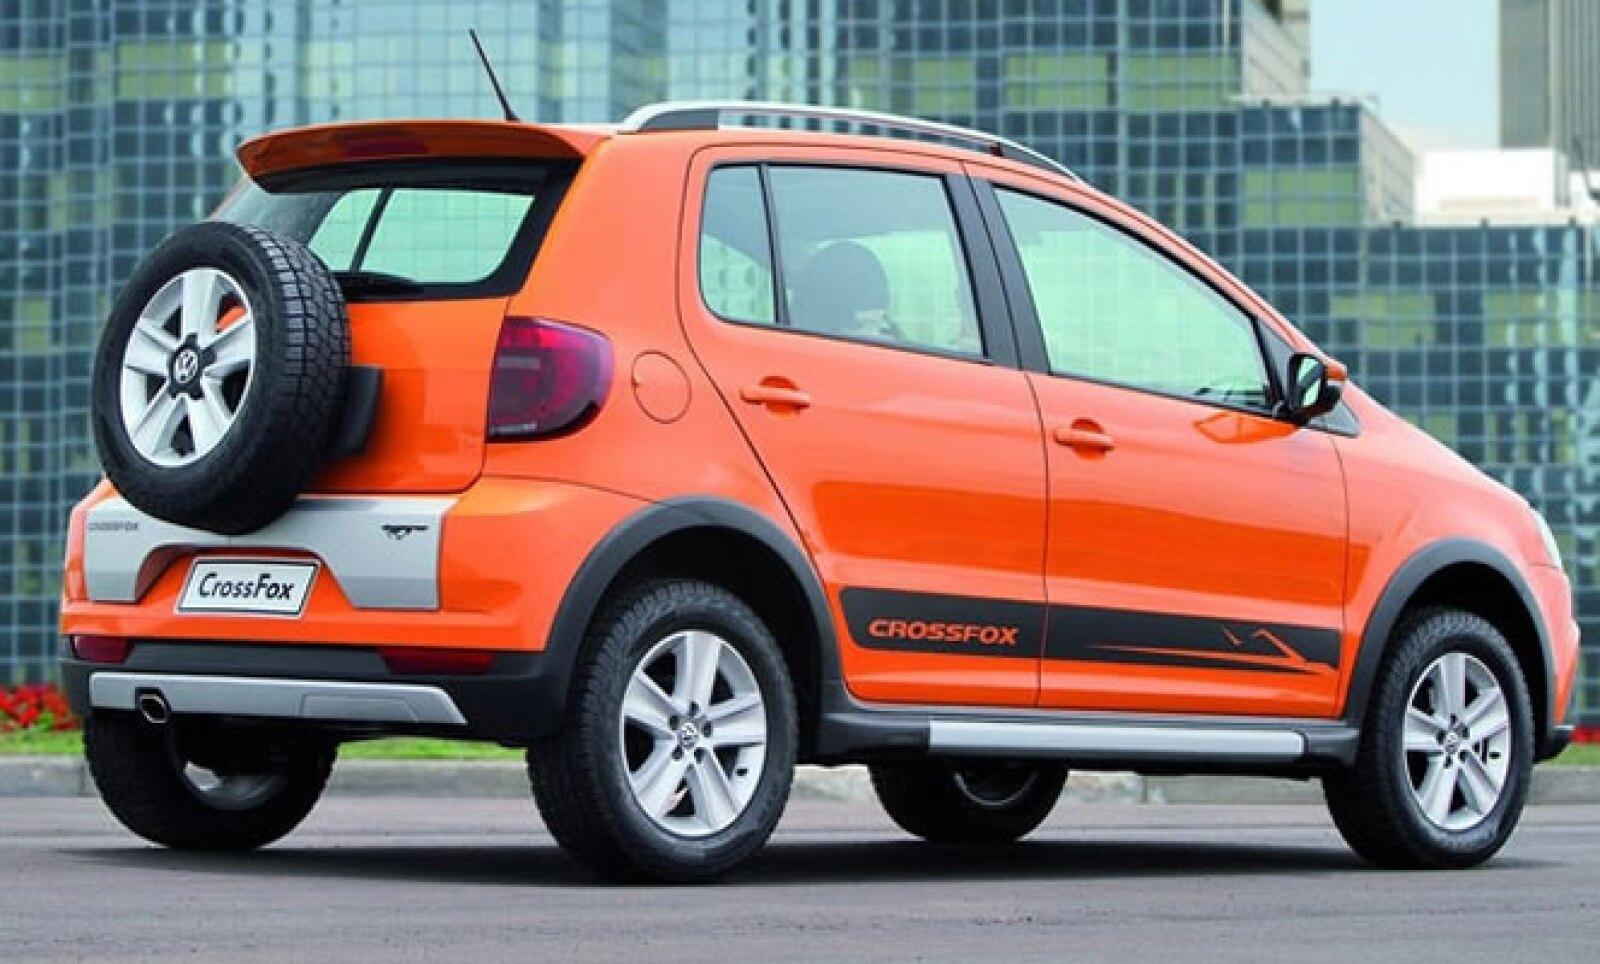 Con este lanzamiento, la idea de la compañía es ganar posiciones en el segmento de los vehículos todoterreno.